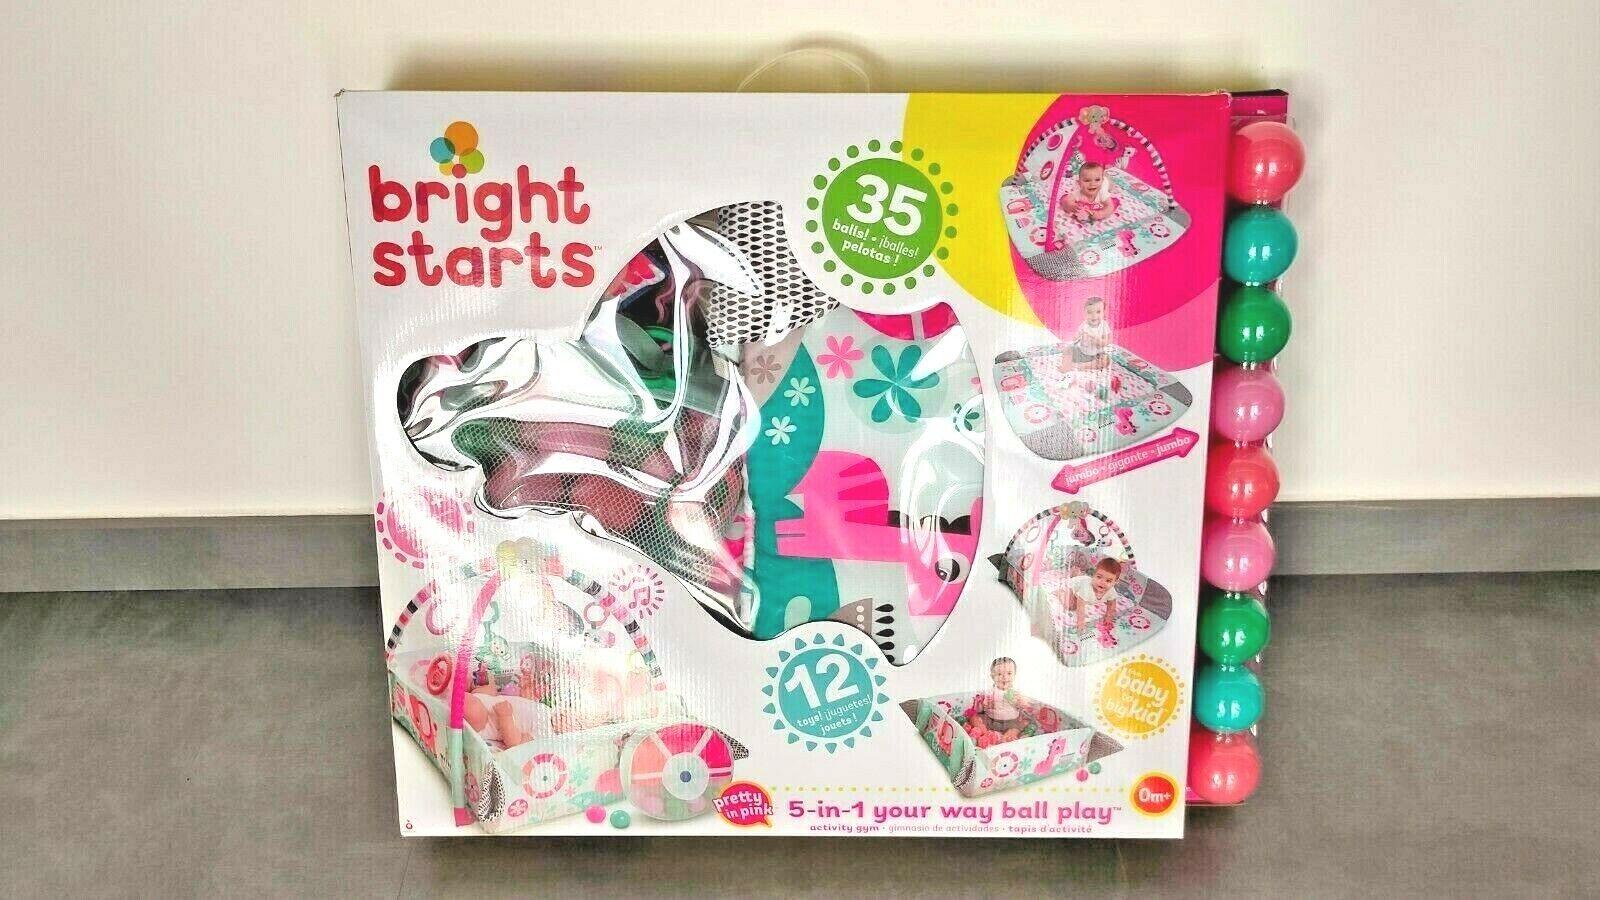 BRIGHT STARTS gimnasio de actividades 5 en 1 bebe